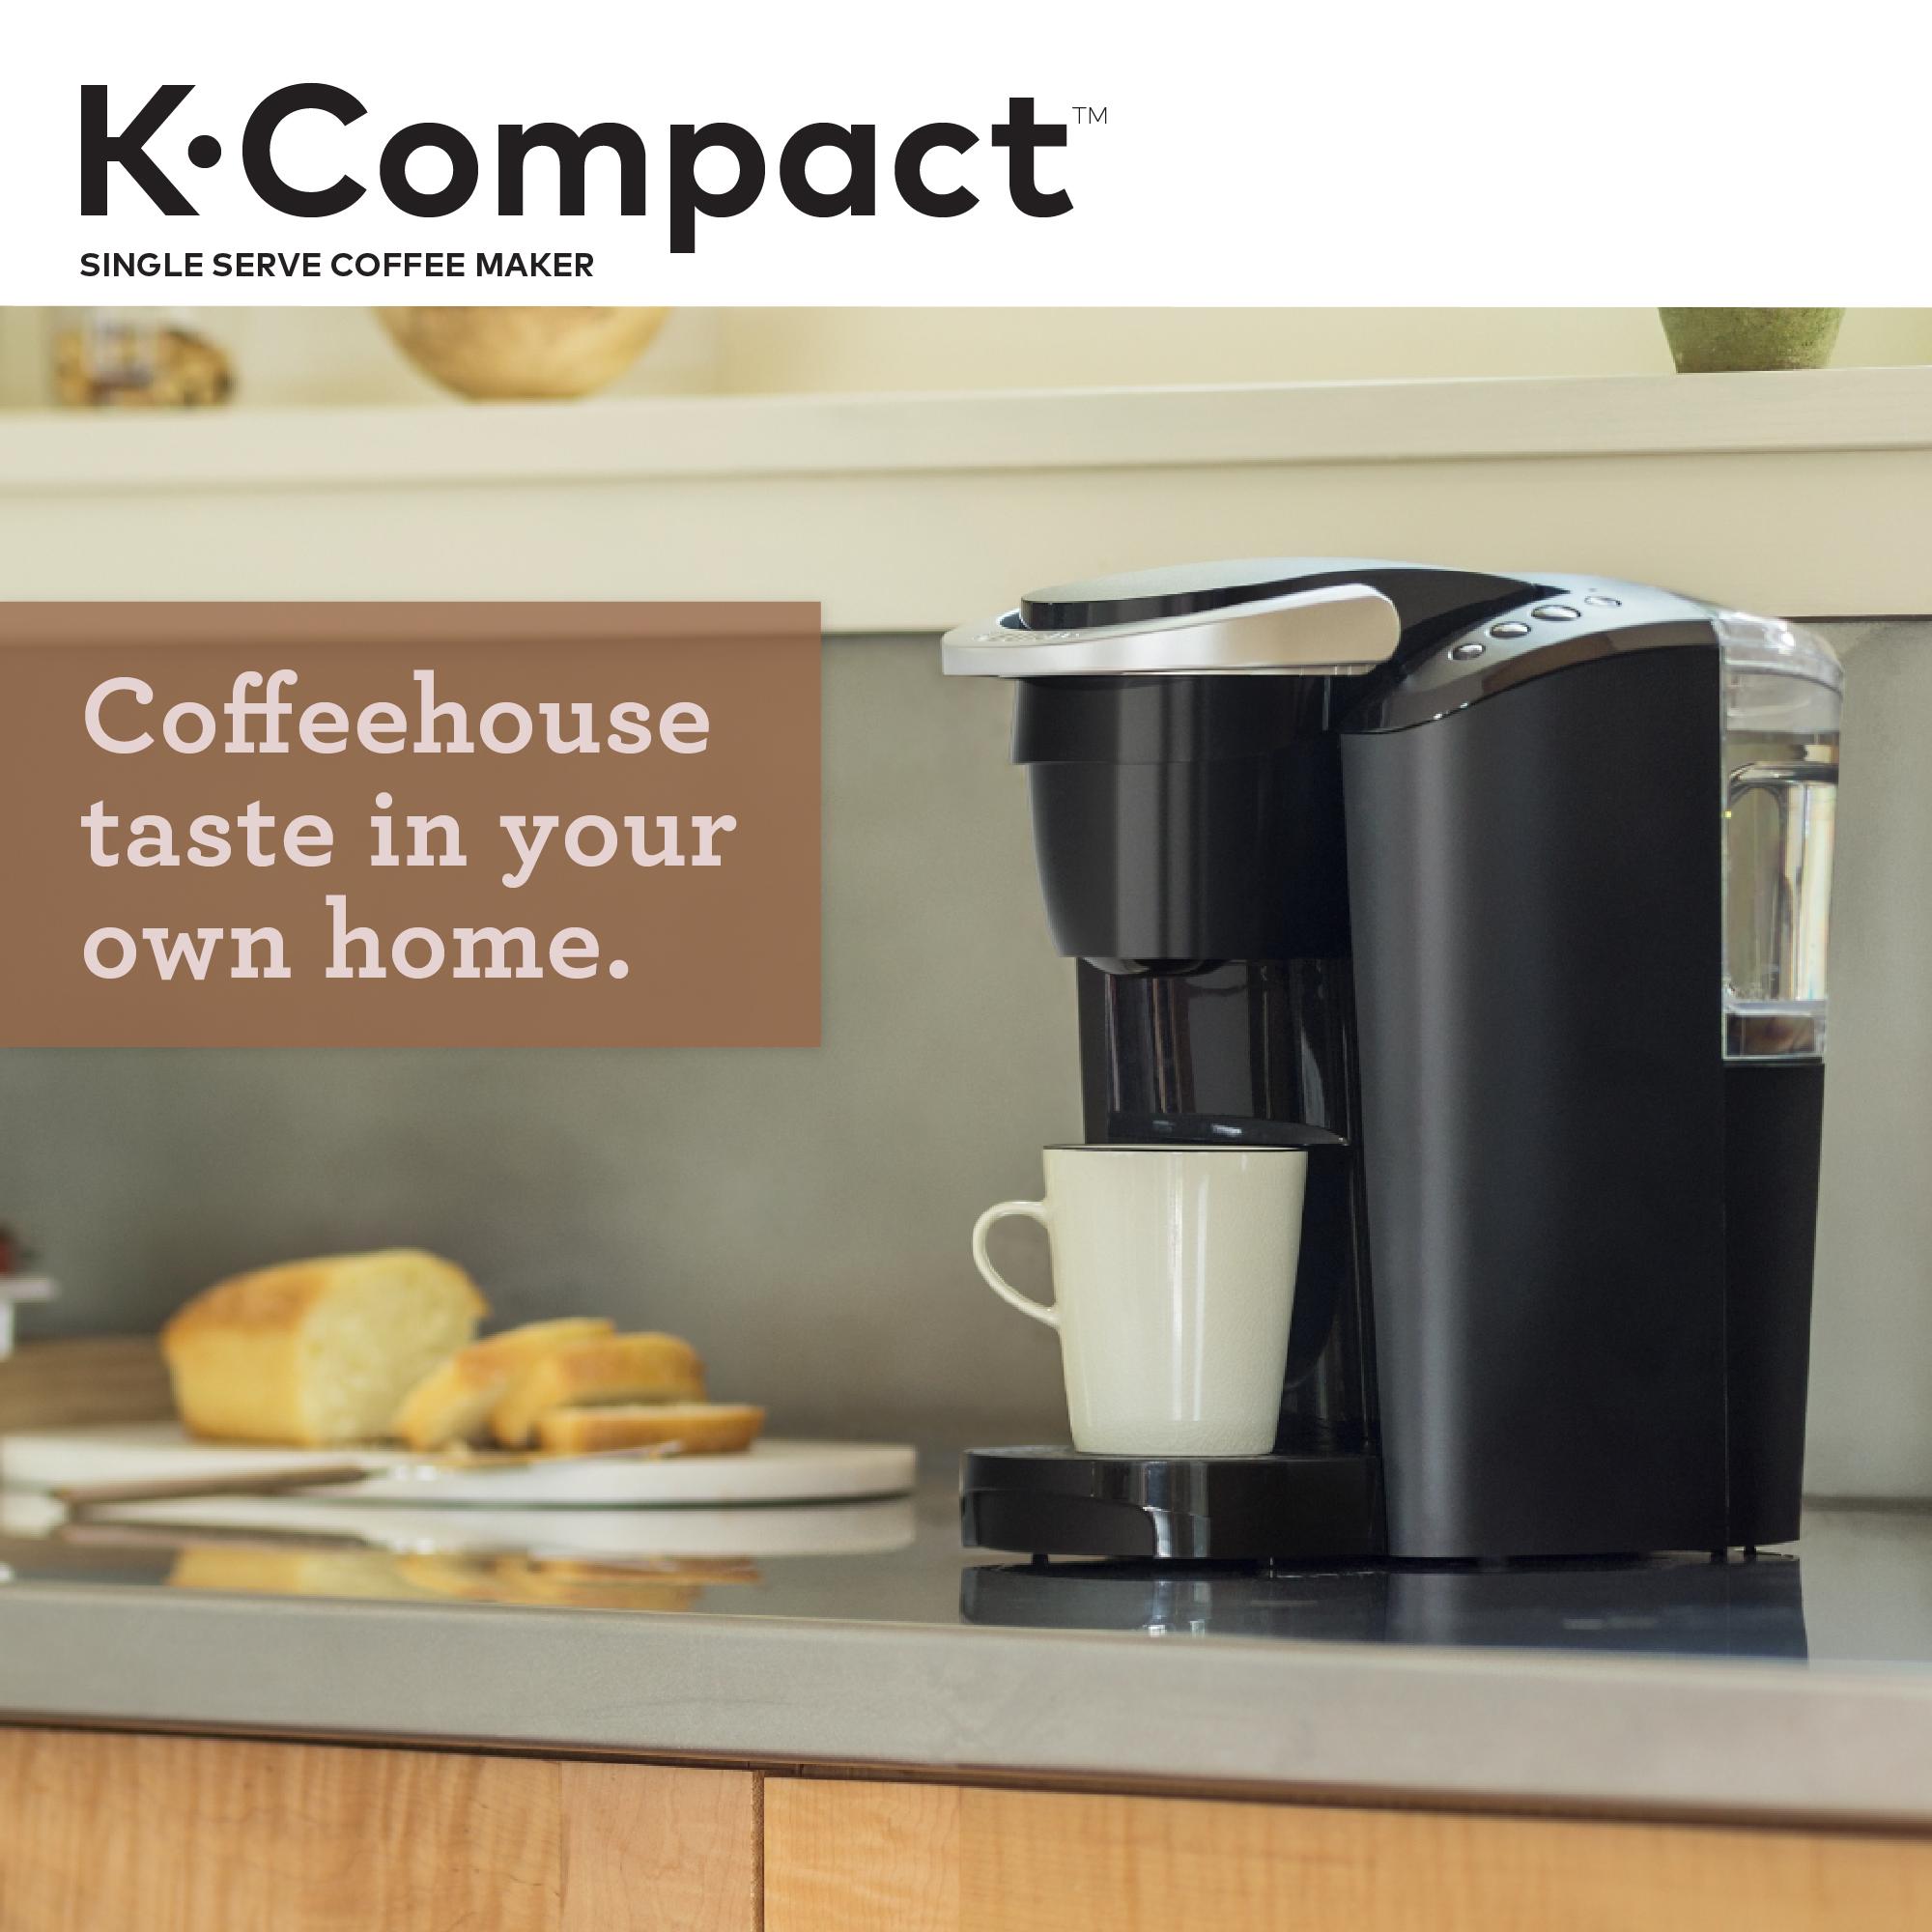 黑五特价:Keurig K-Compact 咖啡机 (原价)